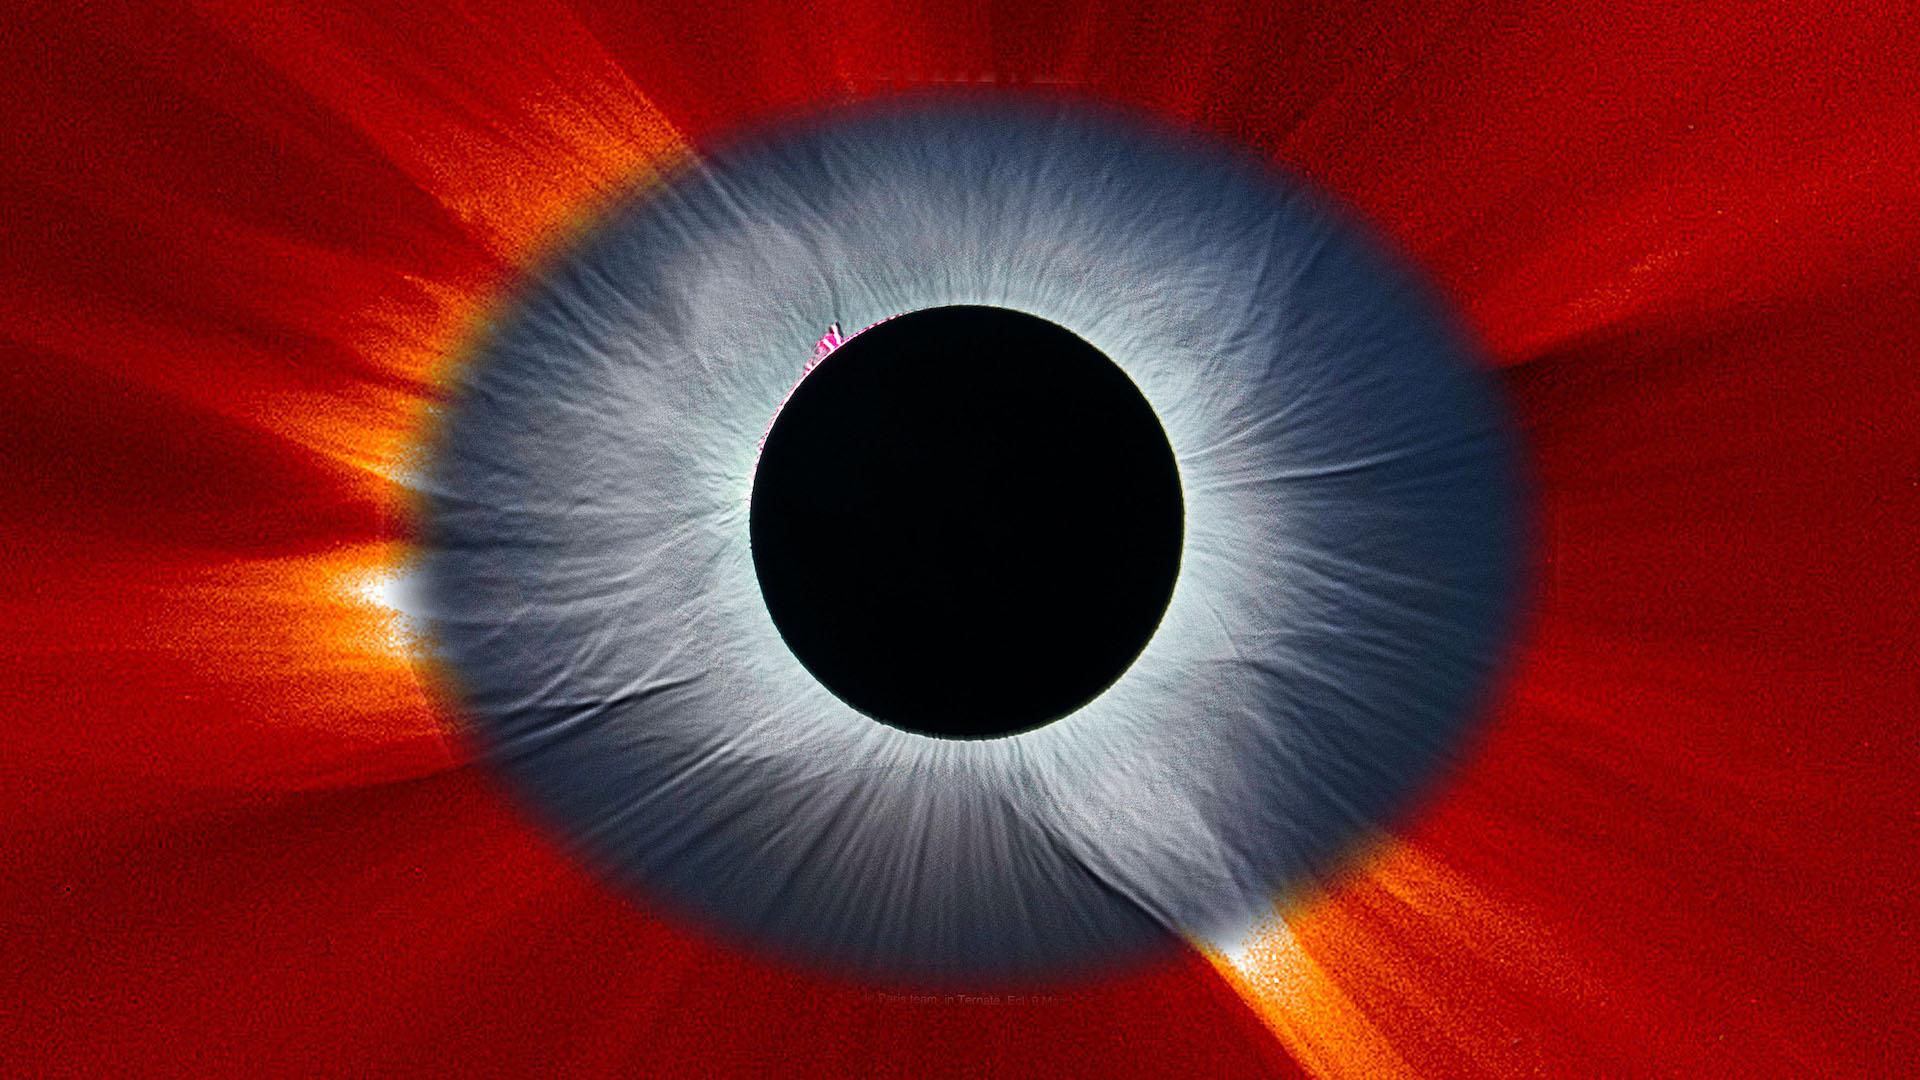 Cuándo se verá el próximo eclipse solar en Estados Unidos y México